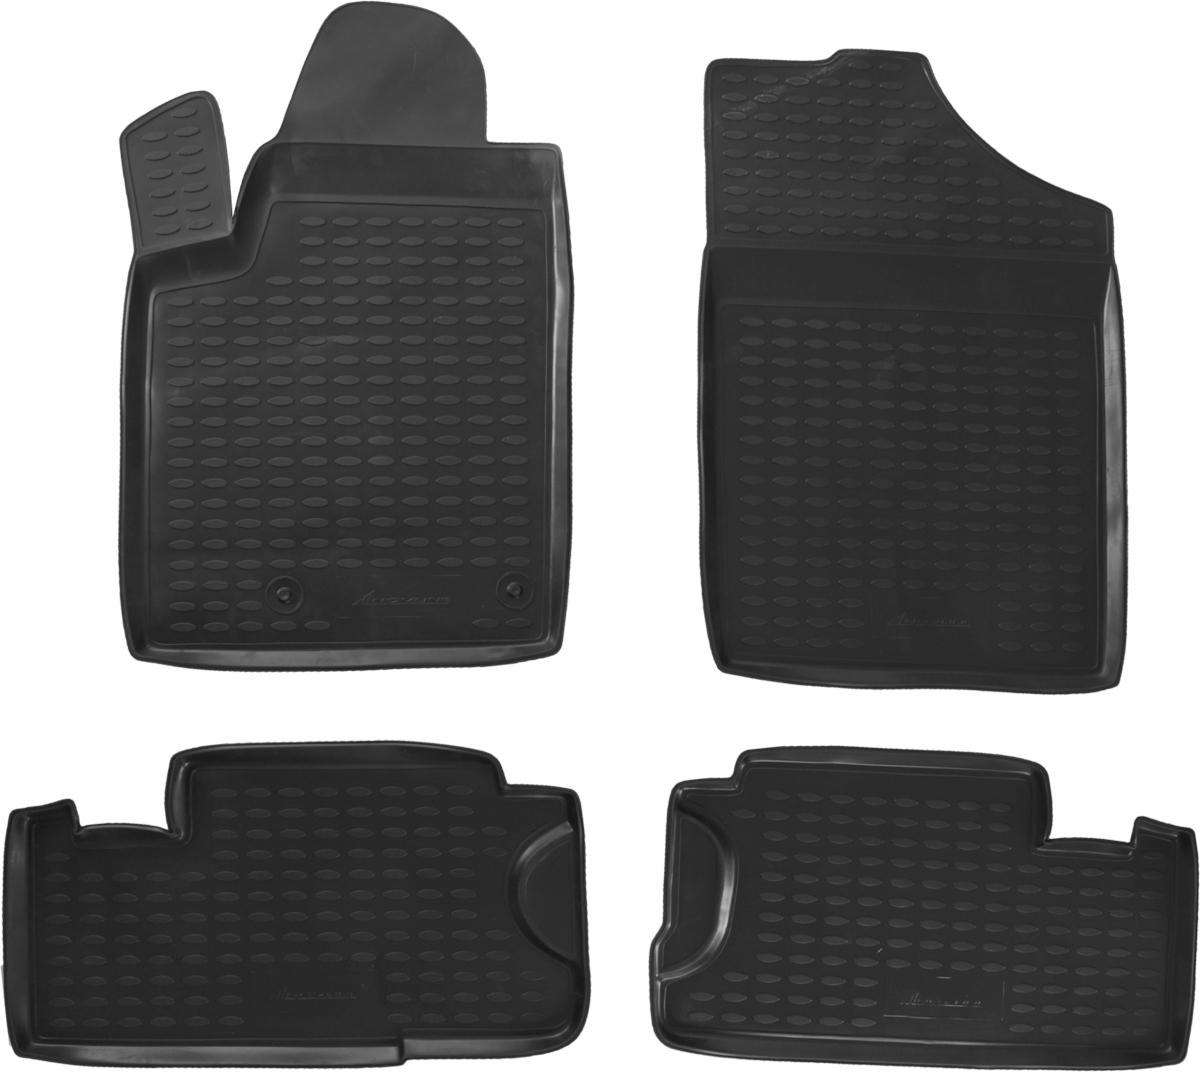 Набор автомобильных ковриков Novline-Autofamily для Peugeot Partner Tepee 06/2008-, в салон, 4 штNLC.38.12.210Набор автомобильных ковриков Novline-Autofamily, изготовленный из полиуретана, состоит из 4 ковриков, которые учитывают все особенности каждой модели автомобиля и полностью повторяют контуры пола. Полиуретановые автомобильные коврики для салона произведены из высококачественного материала, который держит форму, прочный и не пачкает обувь. Коврики в салон не только улучшат внешний вид салона вашего автомобиля, но и надежно уберегут его от пыли, грязи и сырости, а значит, защитят кузов от коррозии. Полиуретановые коврики для автомобиля гладкие, приятные и не пропускают влагу. Ковры для автомобилей надежно крепятся на полу и не скользят, что очень важно во время движения. Чистятся коврики очень просто: как при помощи автомобильного пылесоса, так и различными моющими средствами. Набор подходит для Peugeot Partner Tepee с июня 2008 года выпуска.